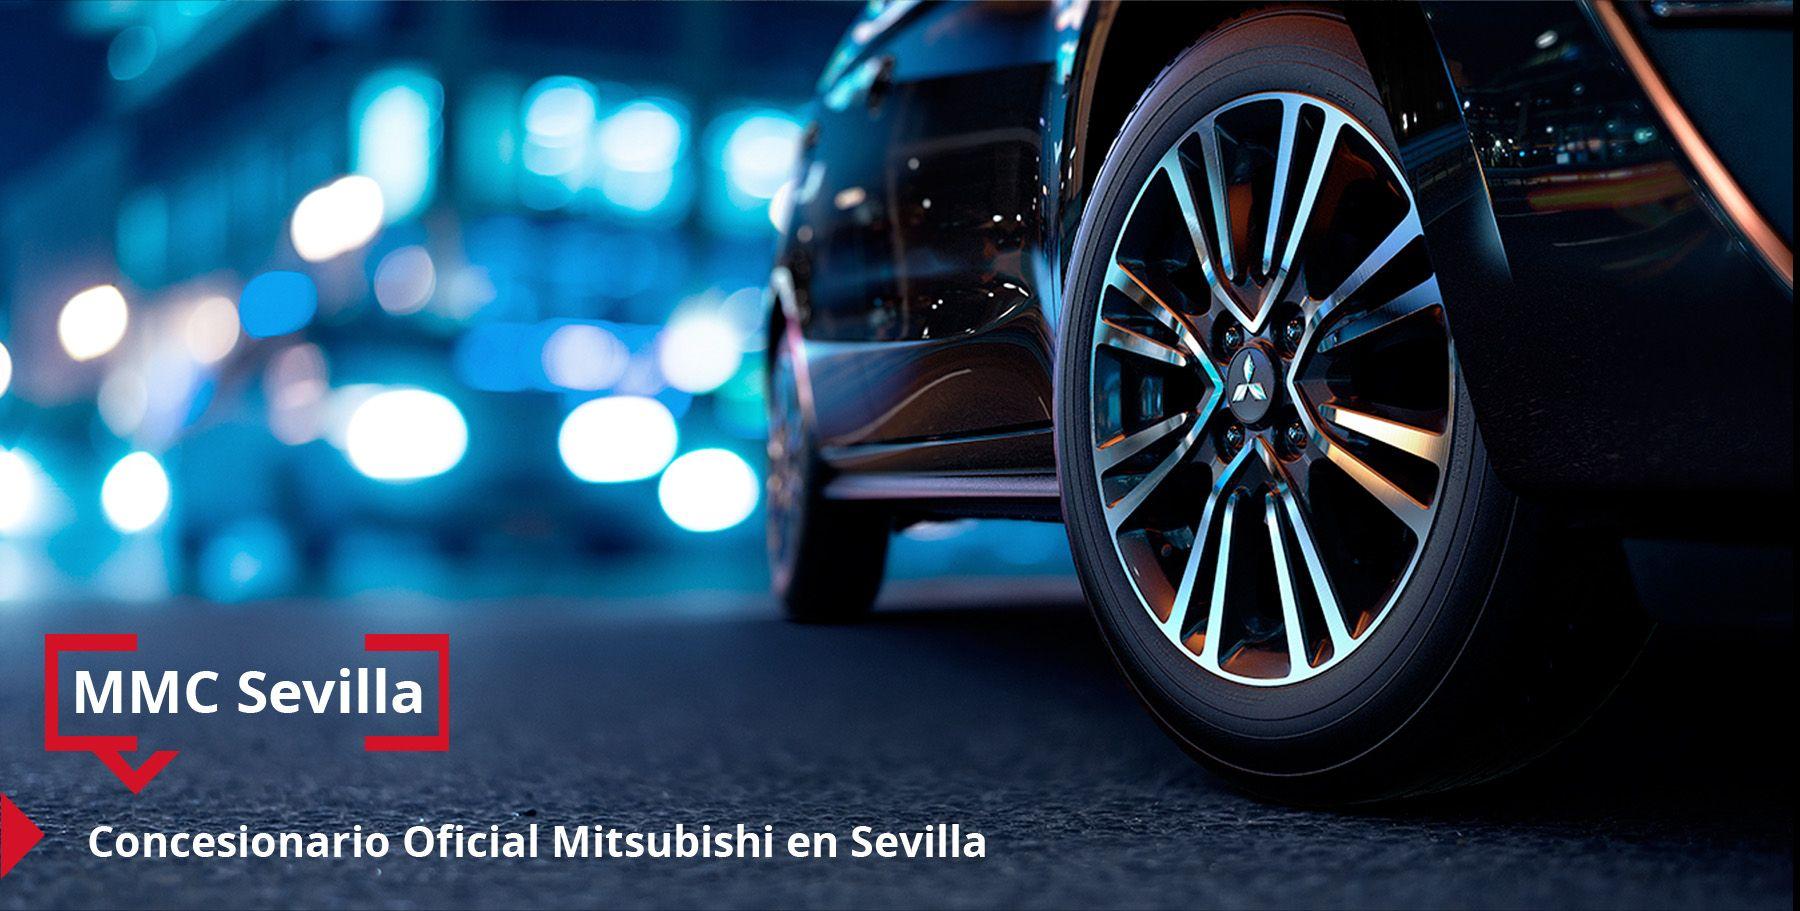 ¿Por qué acudir a MMC Sevilla para realizar el mantenimiento de tu vehículo?